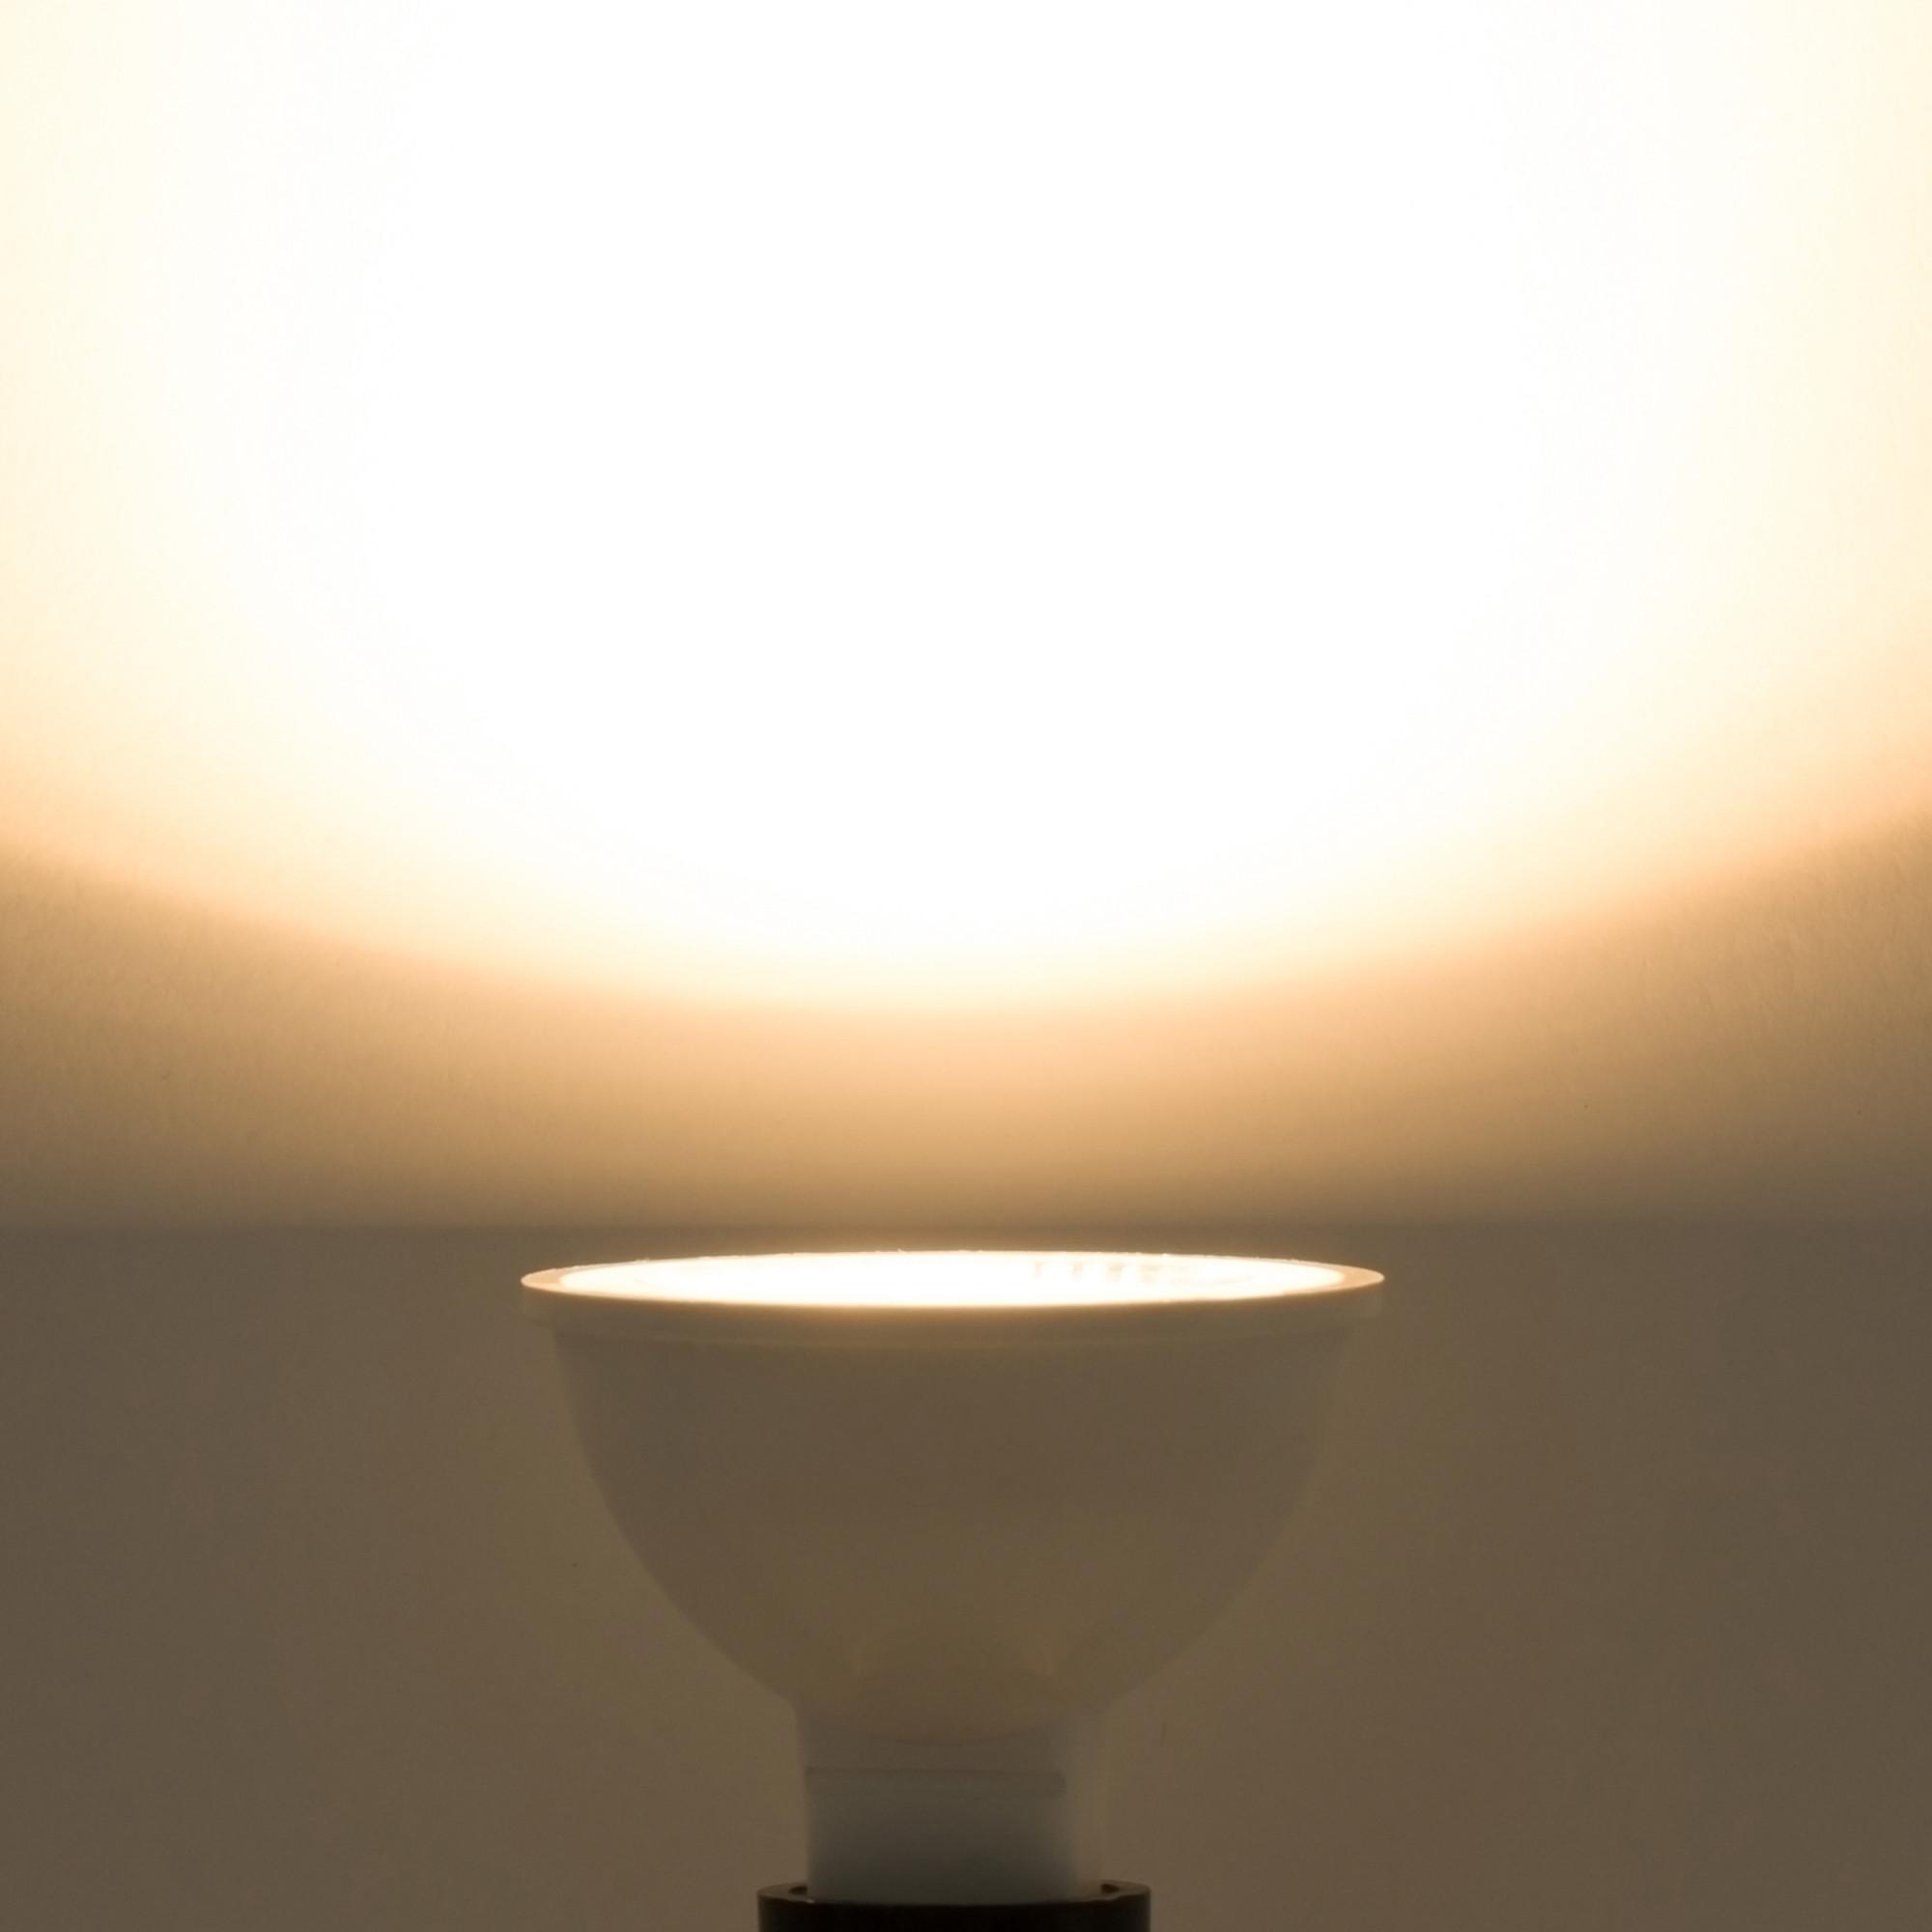 Лампа светодиодная Lexman GU5.3 6 Вт 460 Лм 4000 K свет нейтральный